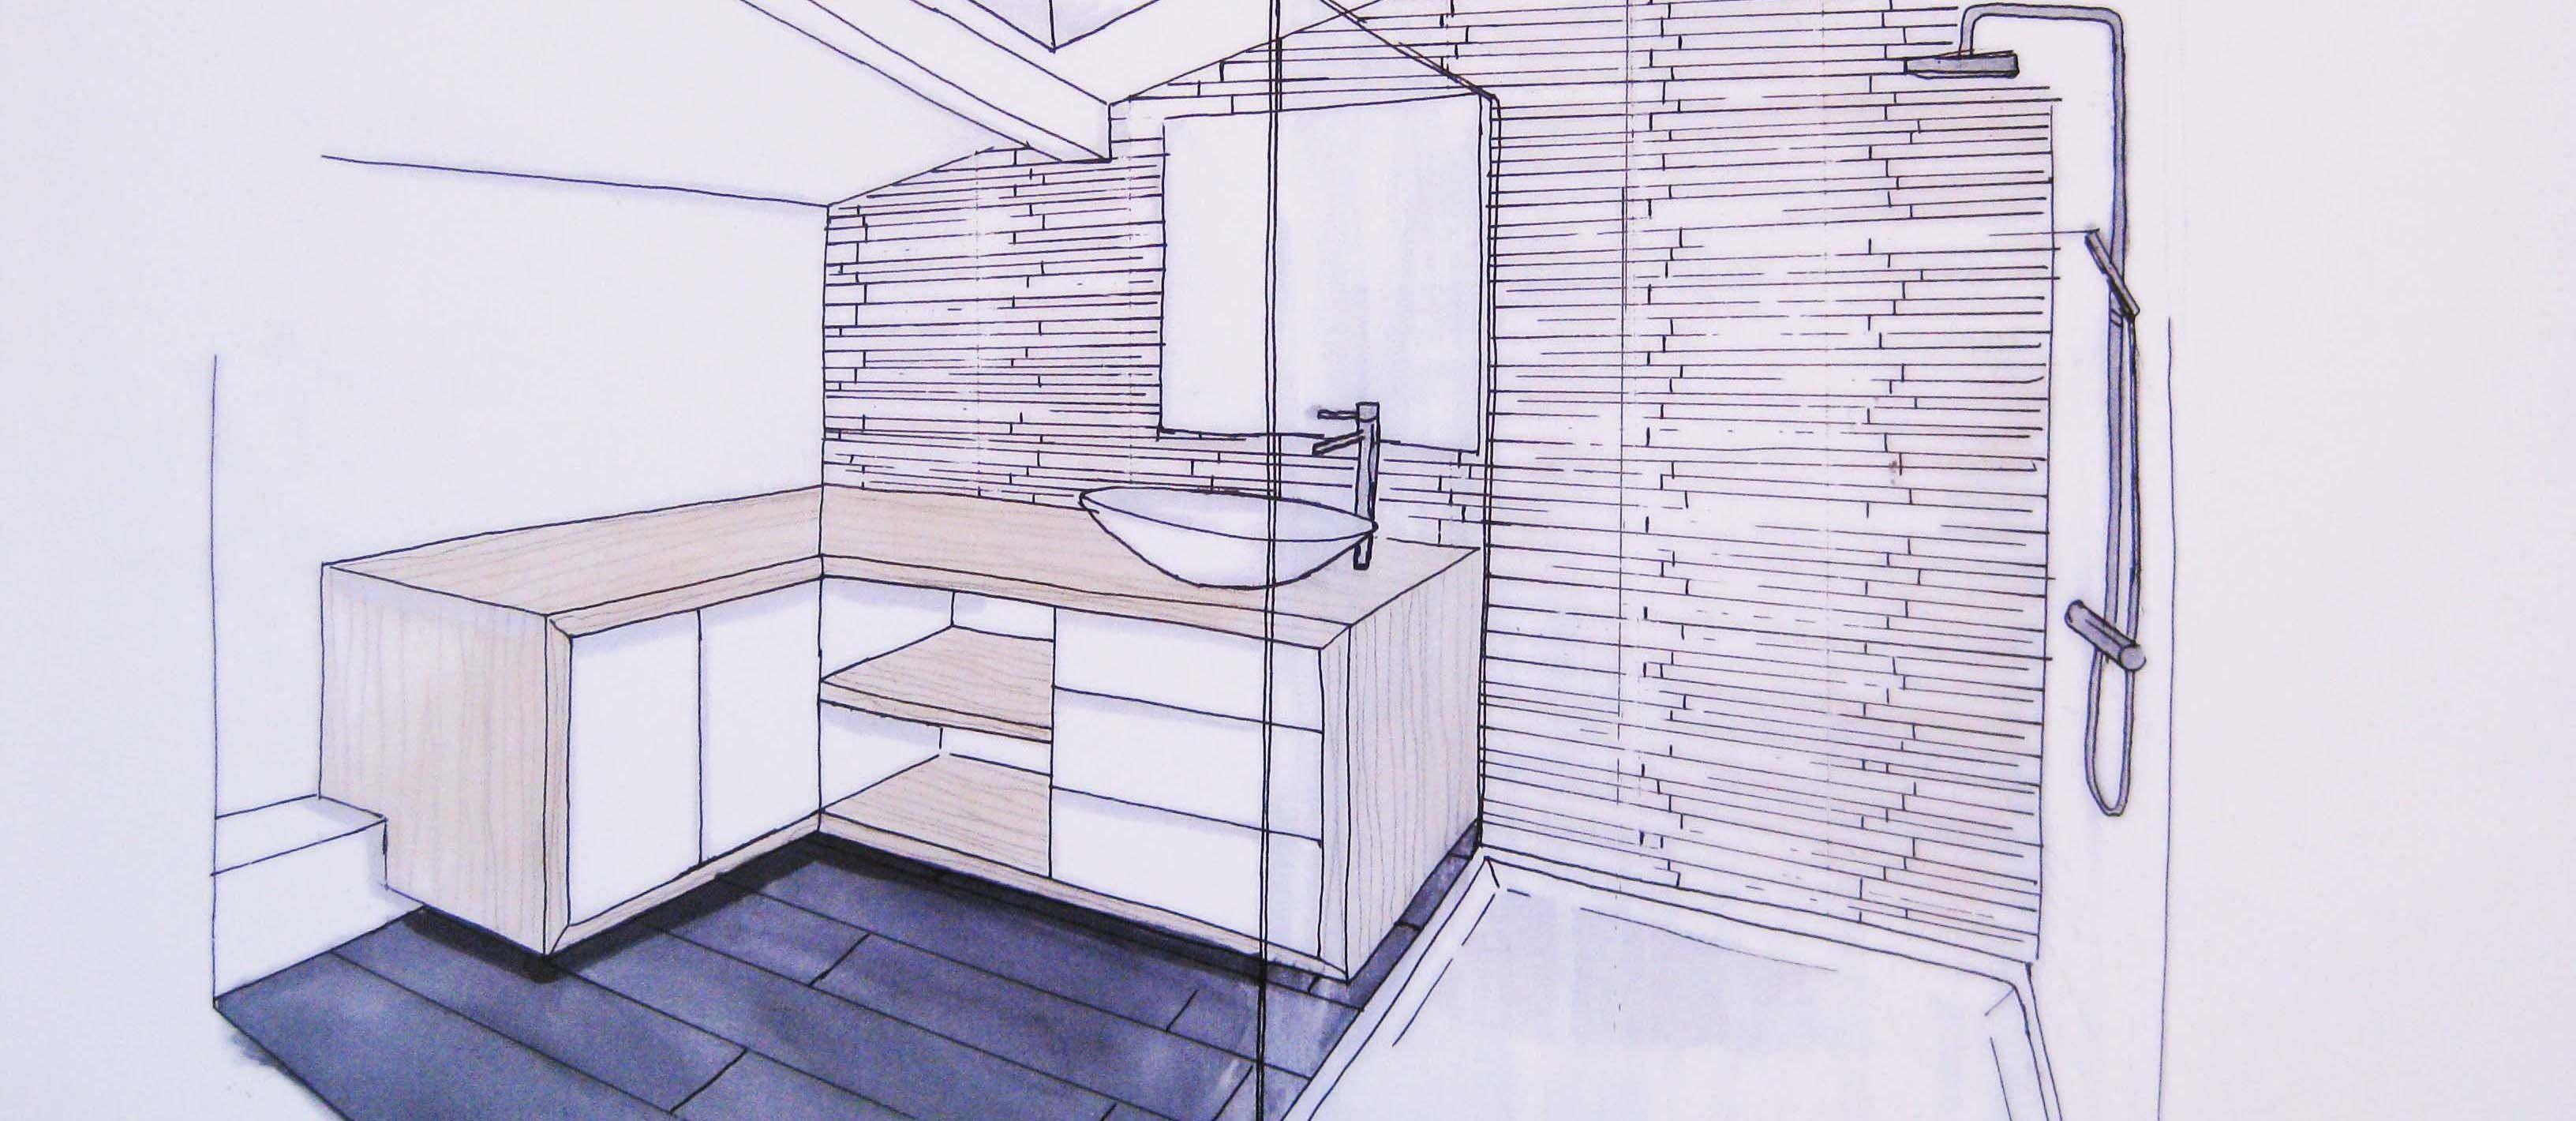 salle de bain maison annecy iris design bois carrelage douche italienne dessin pantone copie. Black Bedroom Furniture Sets. Home Design Ideas